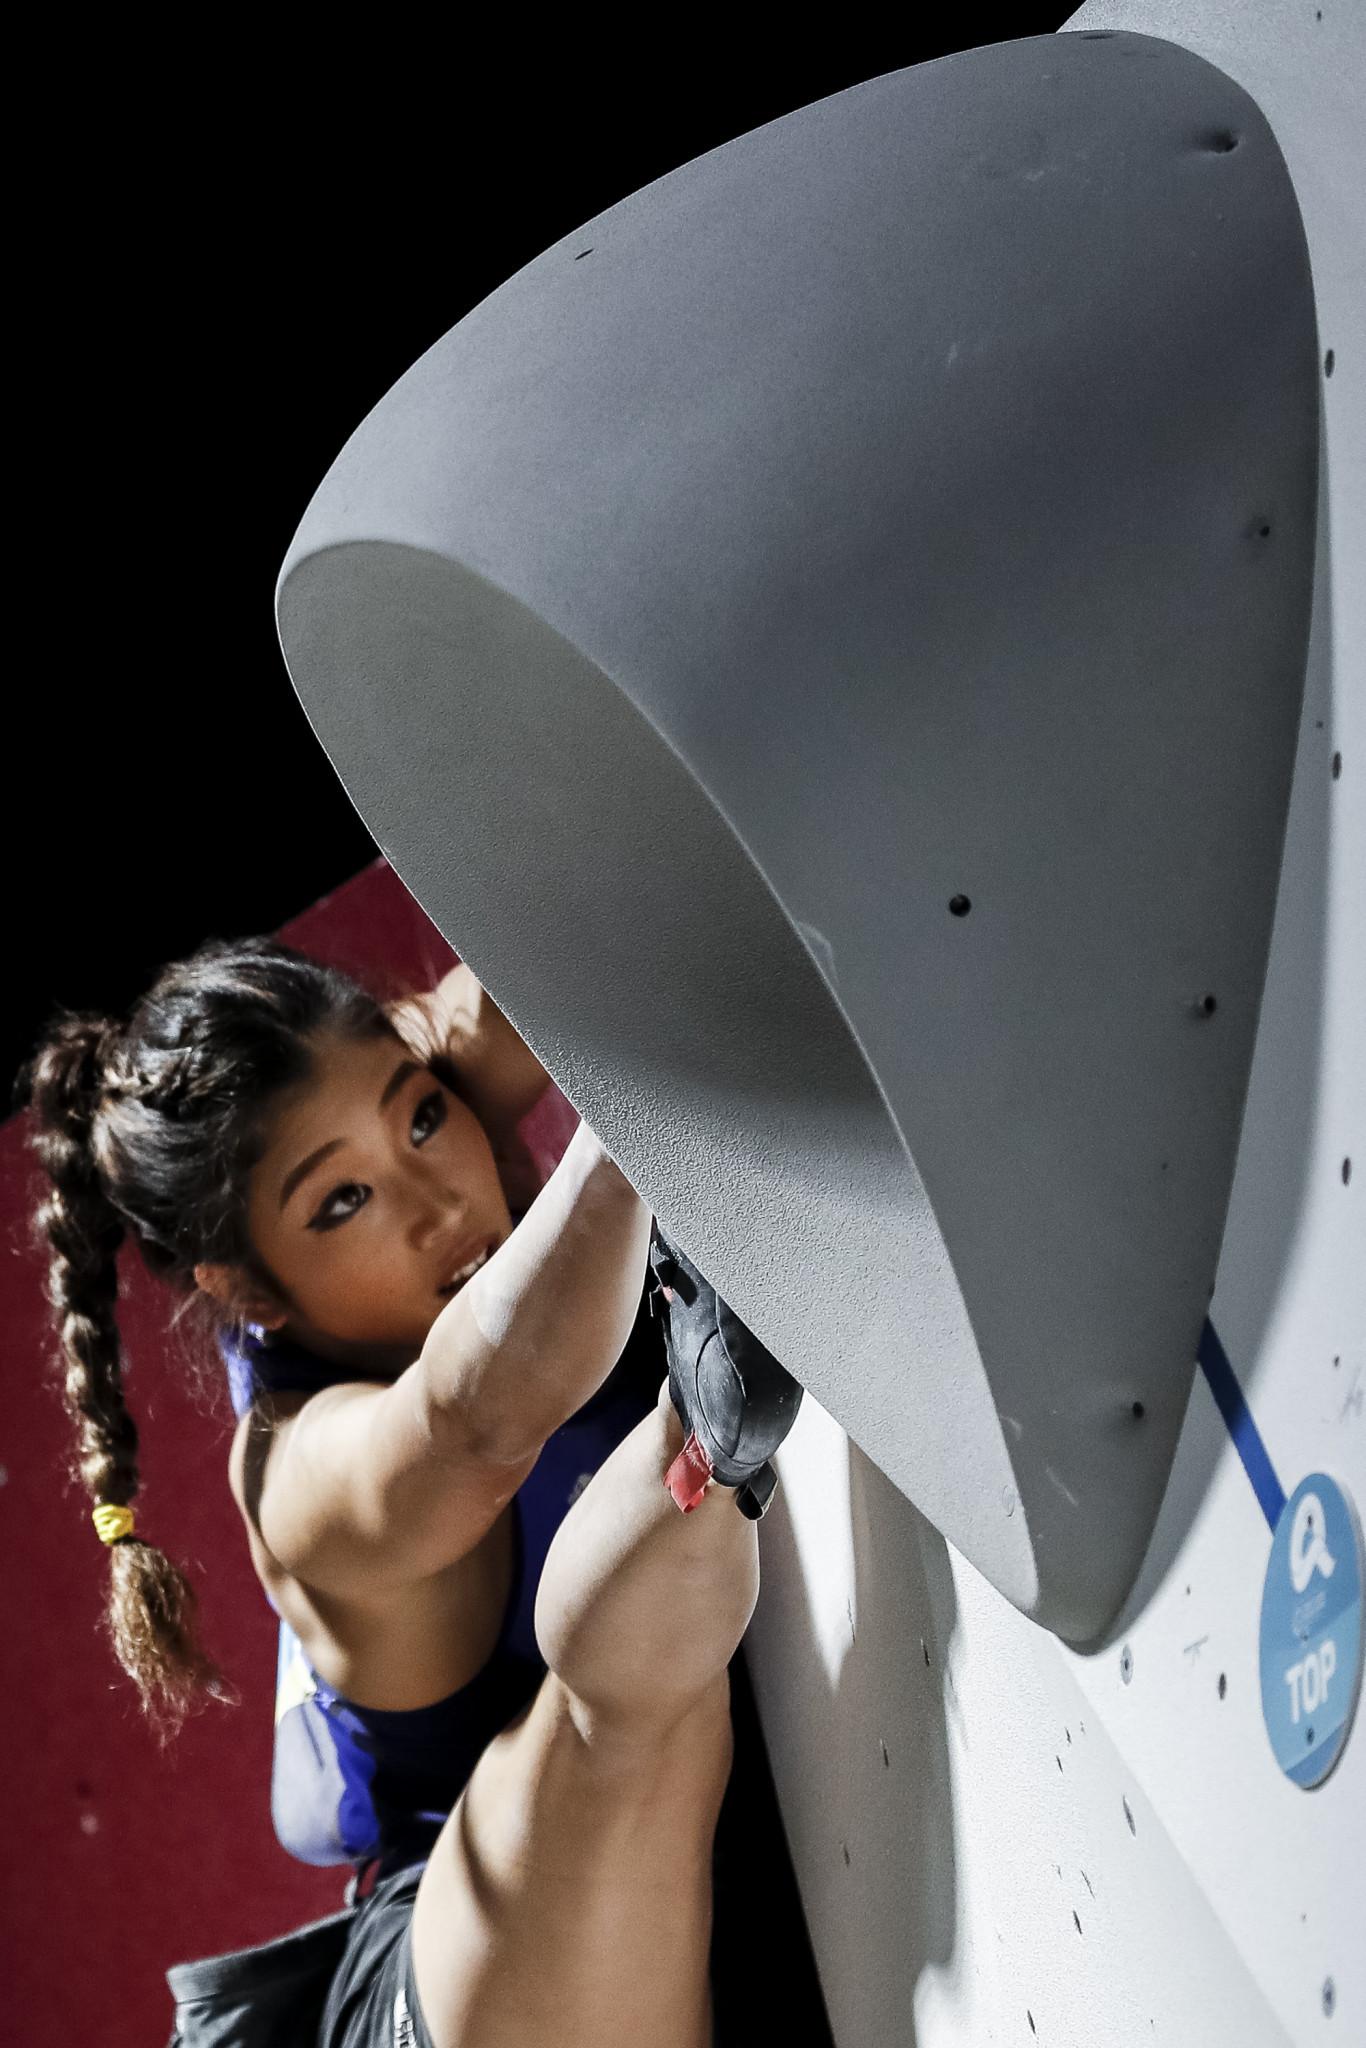 Japan's Miho Nonaka won bouldering gold at the ANOC World Beach Games ©ANOC World Beach Games